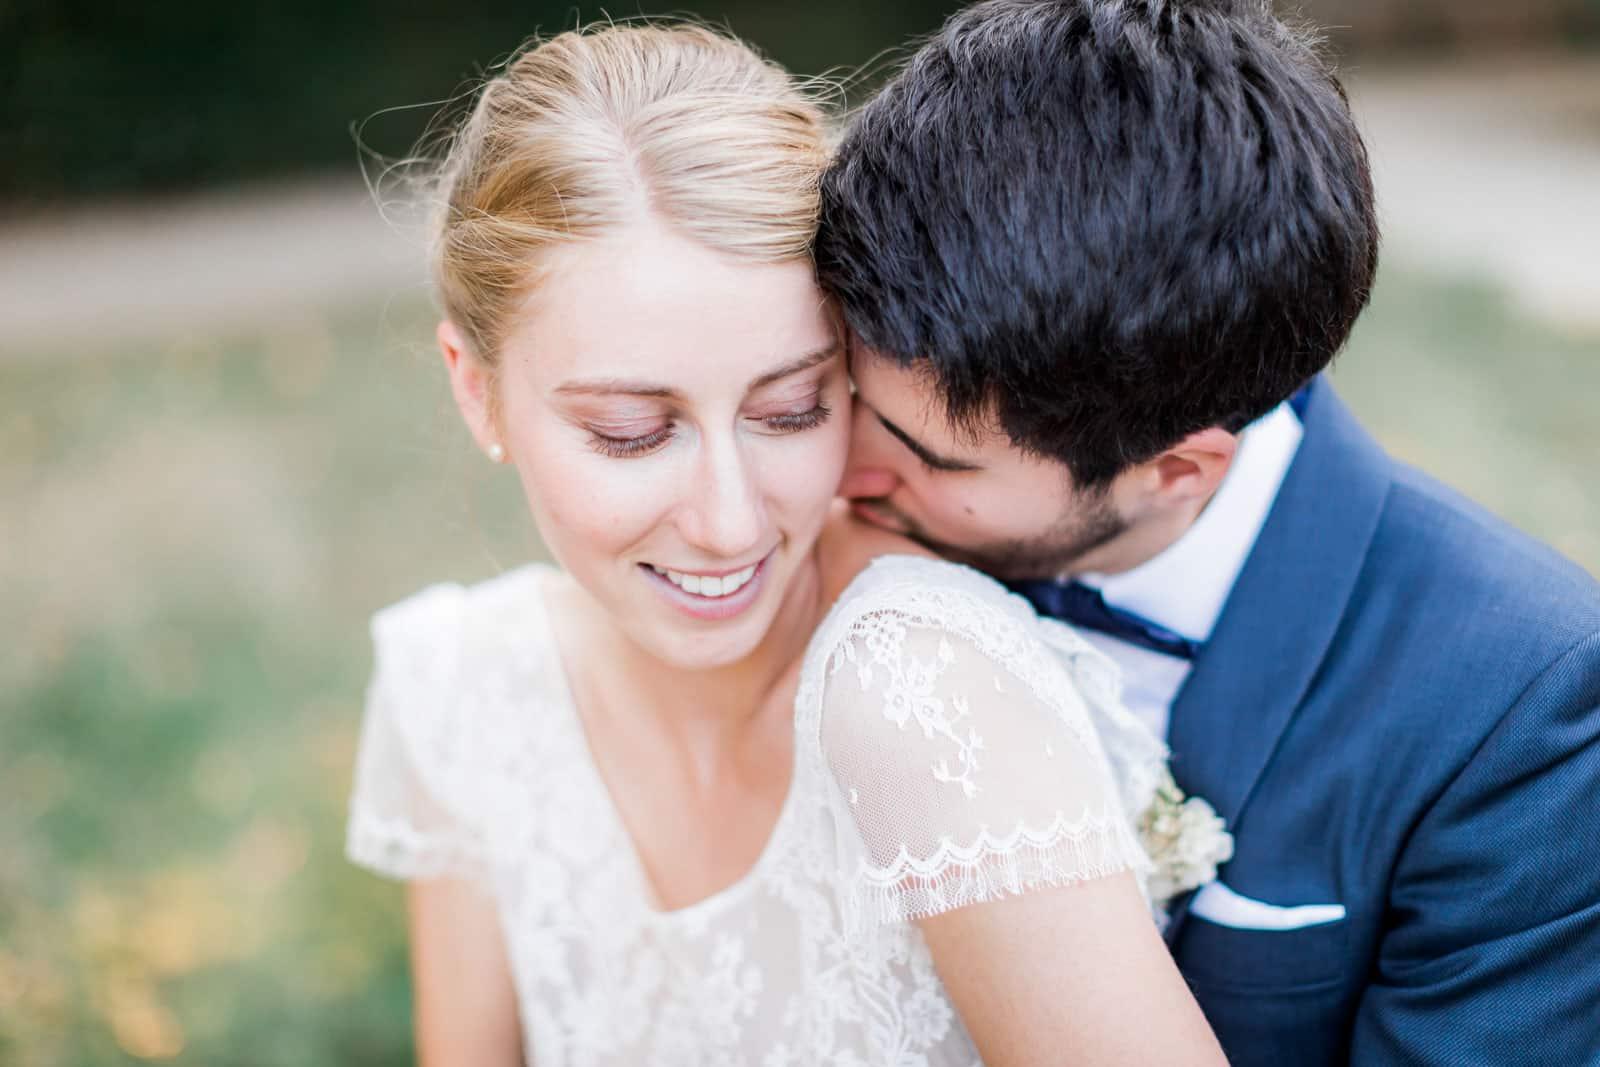 Photographie de Mathieu Dété présentant un couple de mariés amoureux